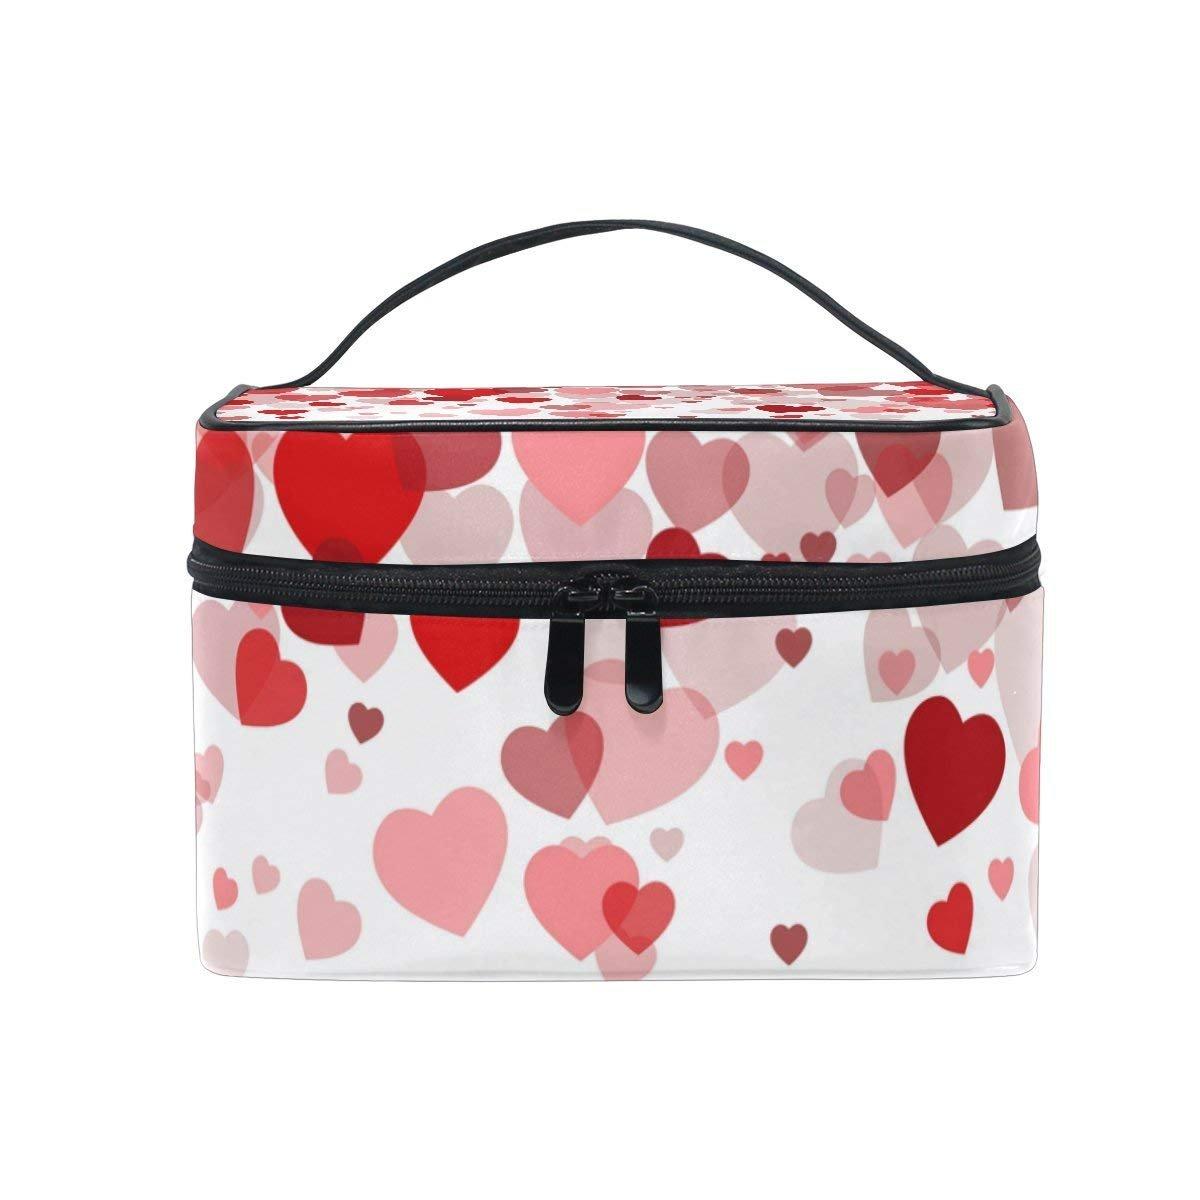 Makeup Bag Sweet Love Hearts Mens Travel Toiletry Bag Mens Cosmetic Bags for Women Fun Large Makeup Organizer